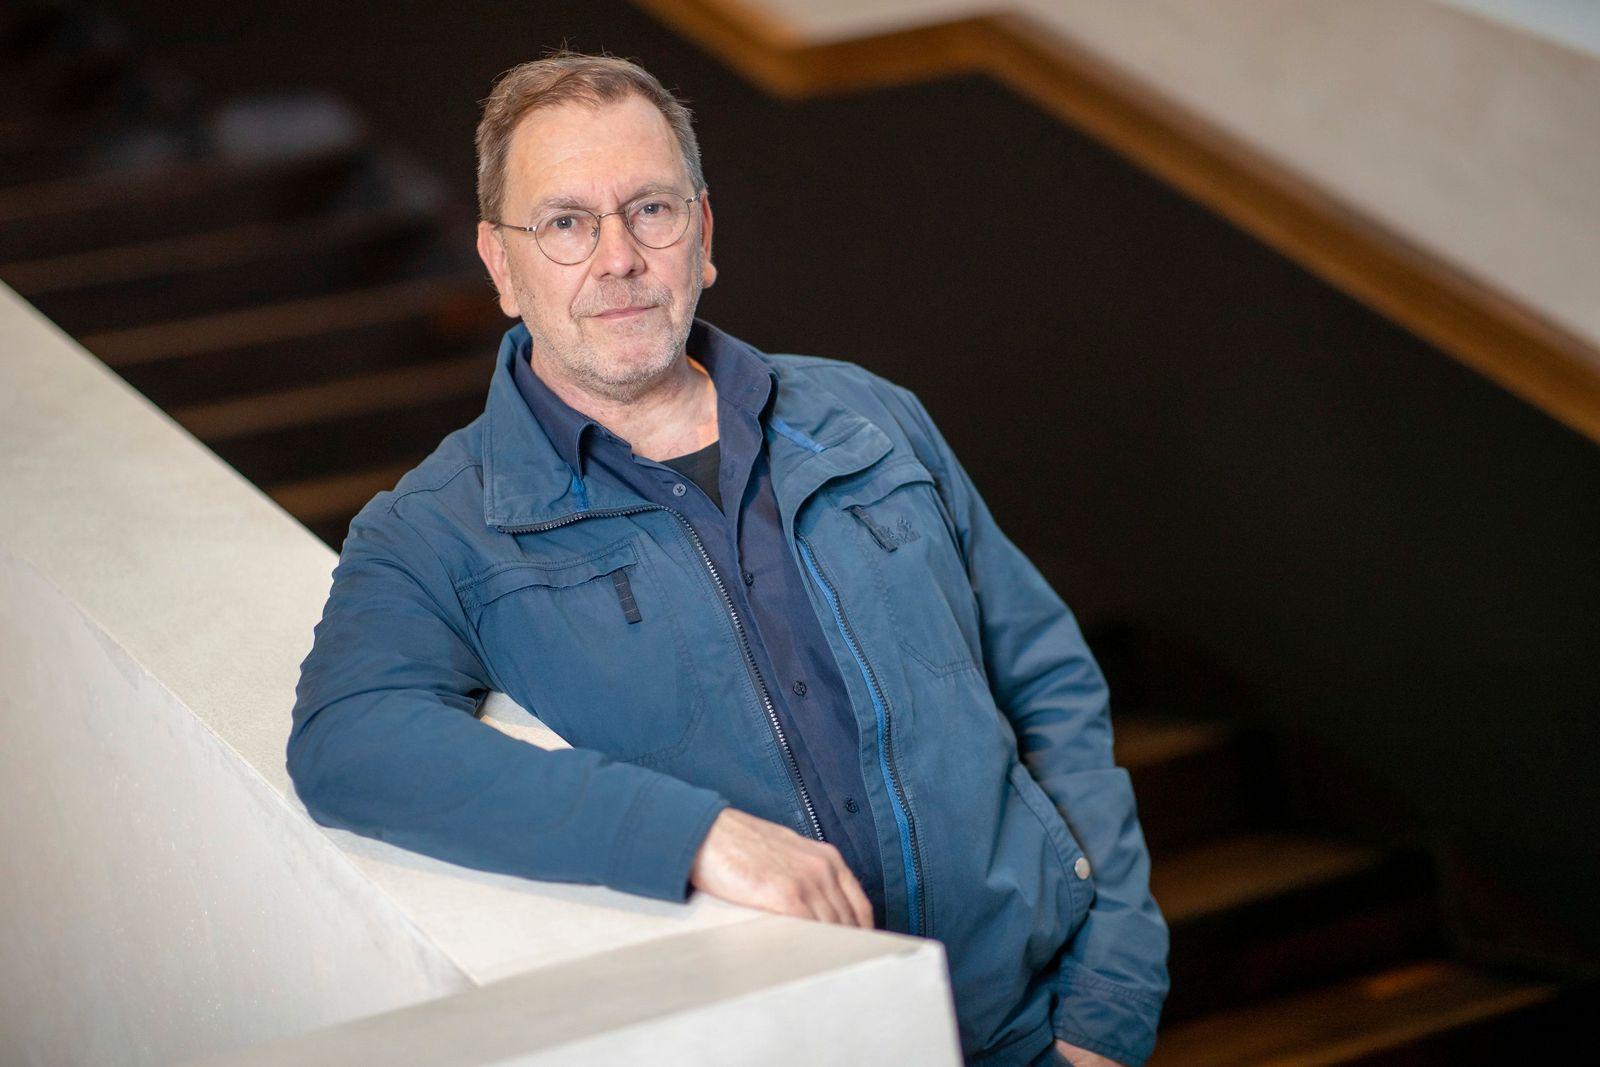 Dramatiker und Theaterregisseur Rene Pollesch